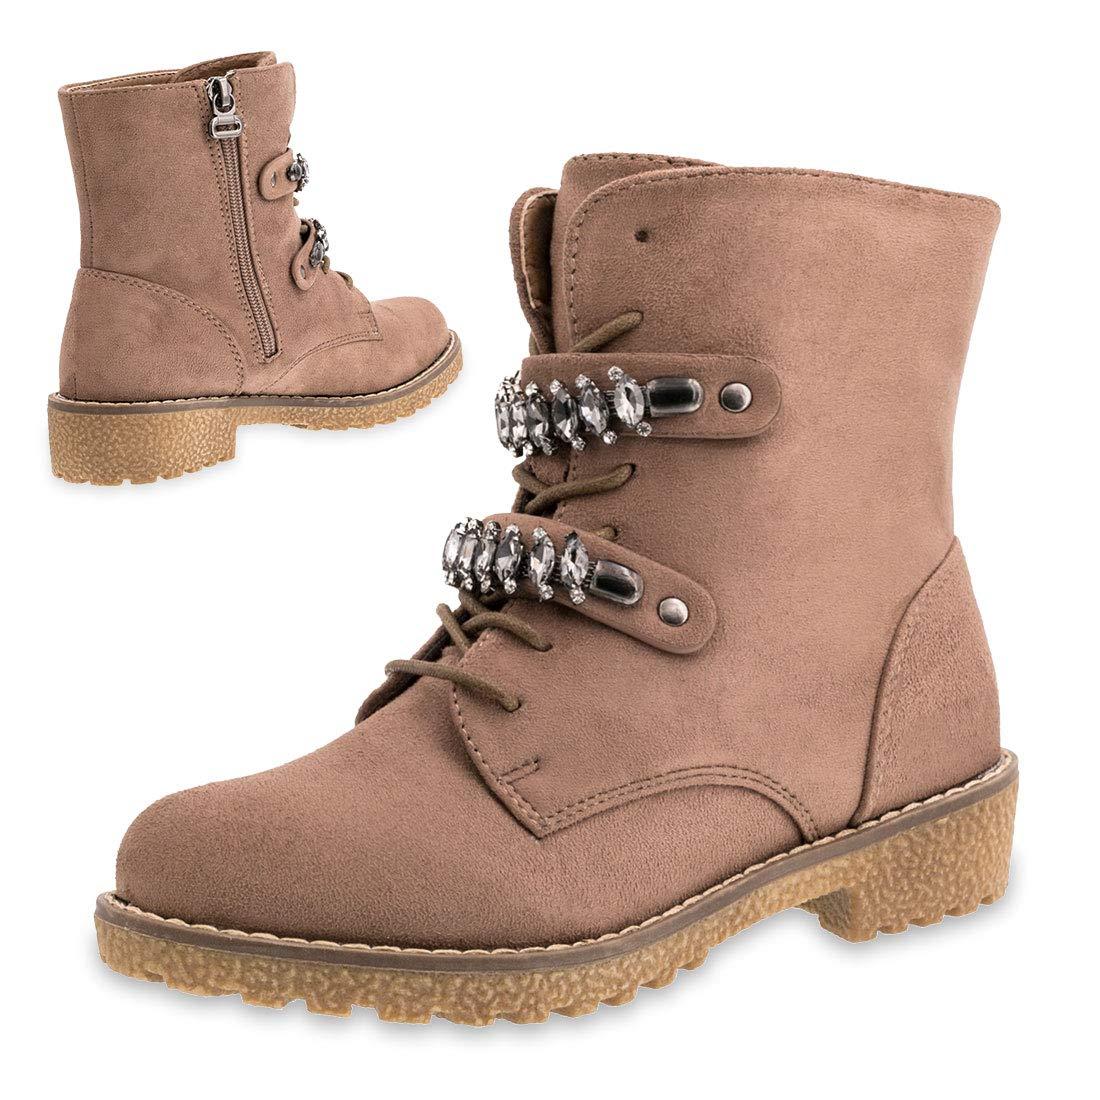 b40b25c2846f38 Marimo Damen Blogger Style Fashion Schnür Stiefeletten Worker Boots in  Wildlederoptik mit Strass gefüttert  Amazon.de  Schuhe   Handtaschen